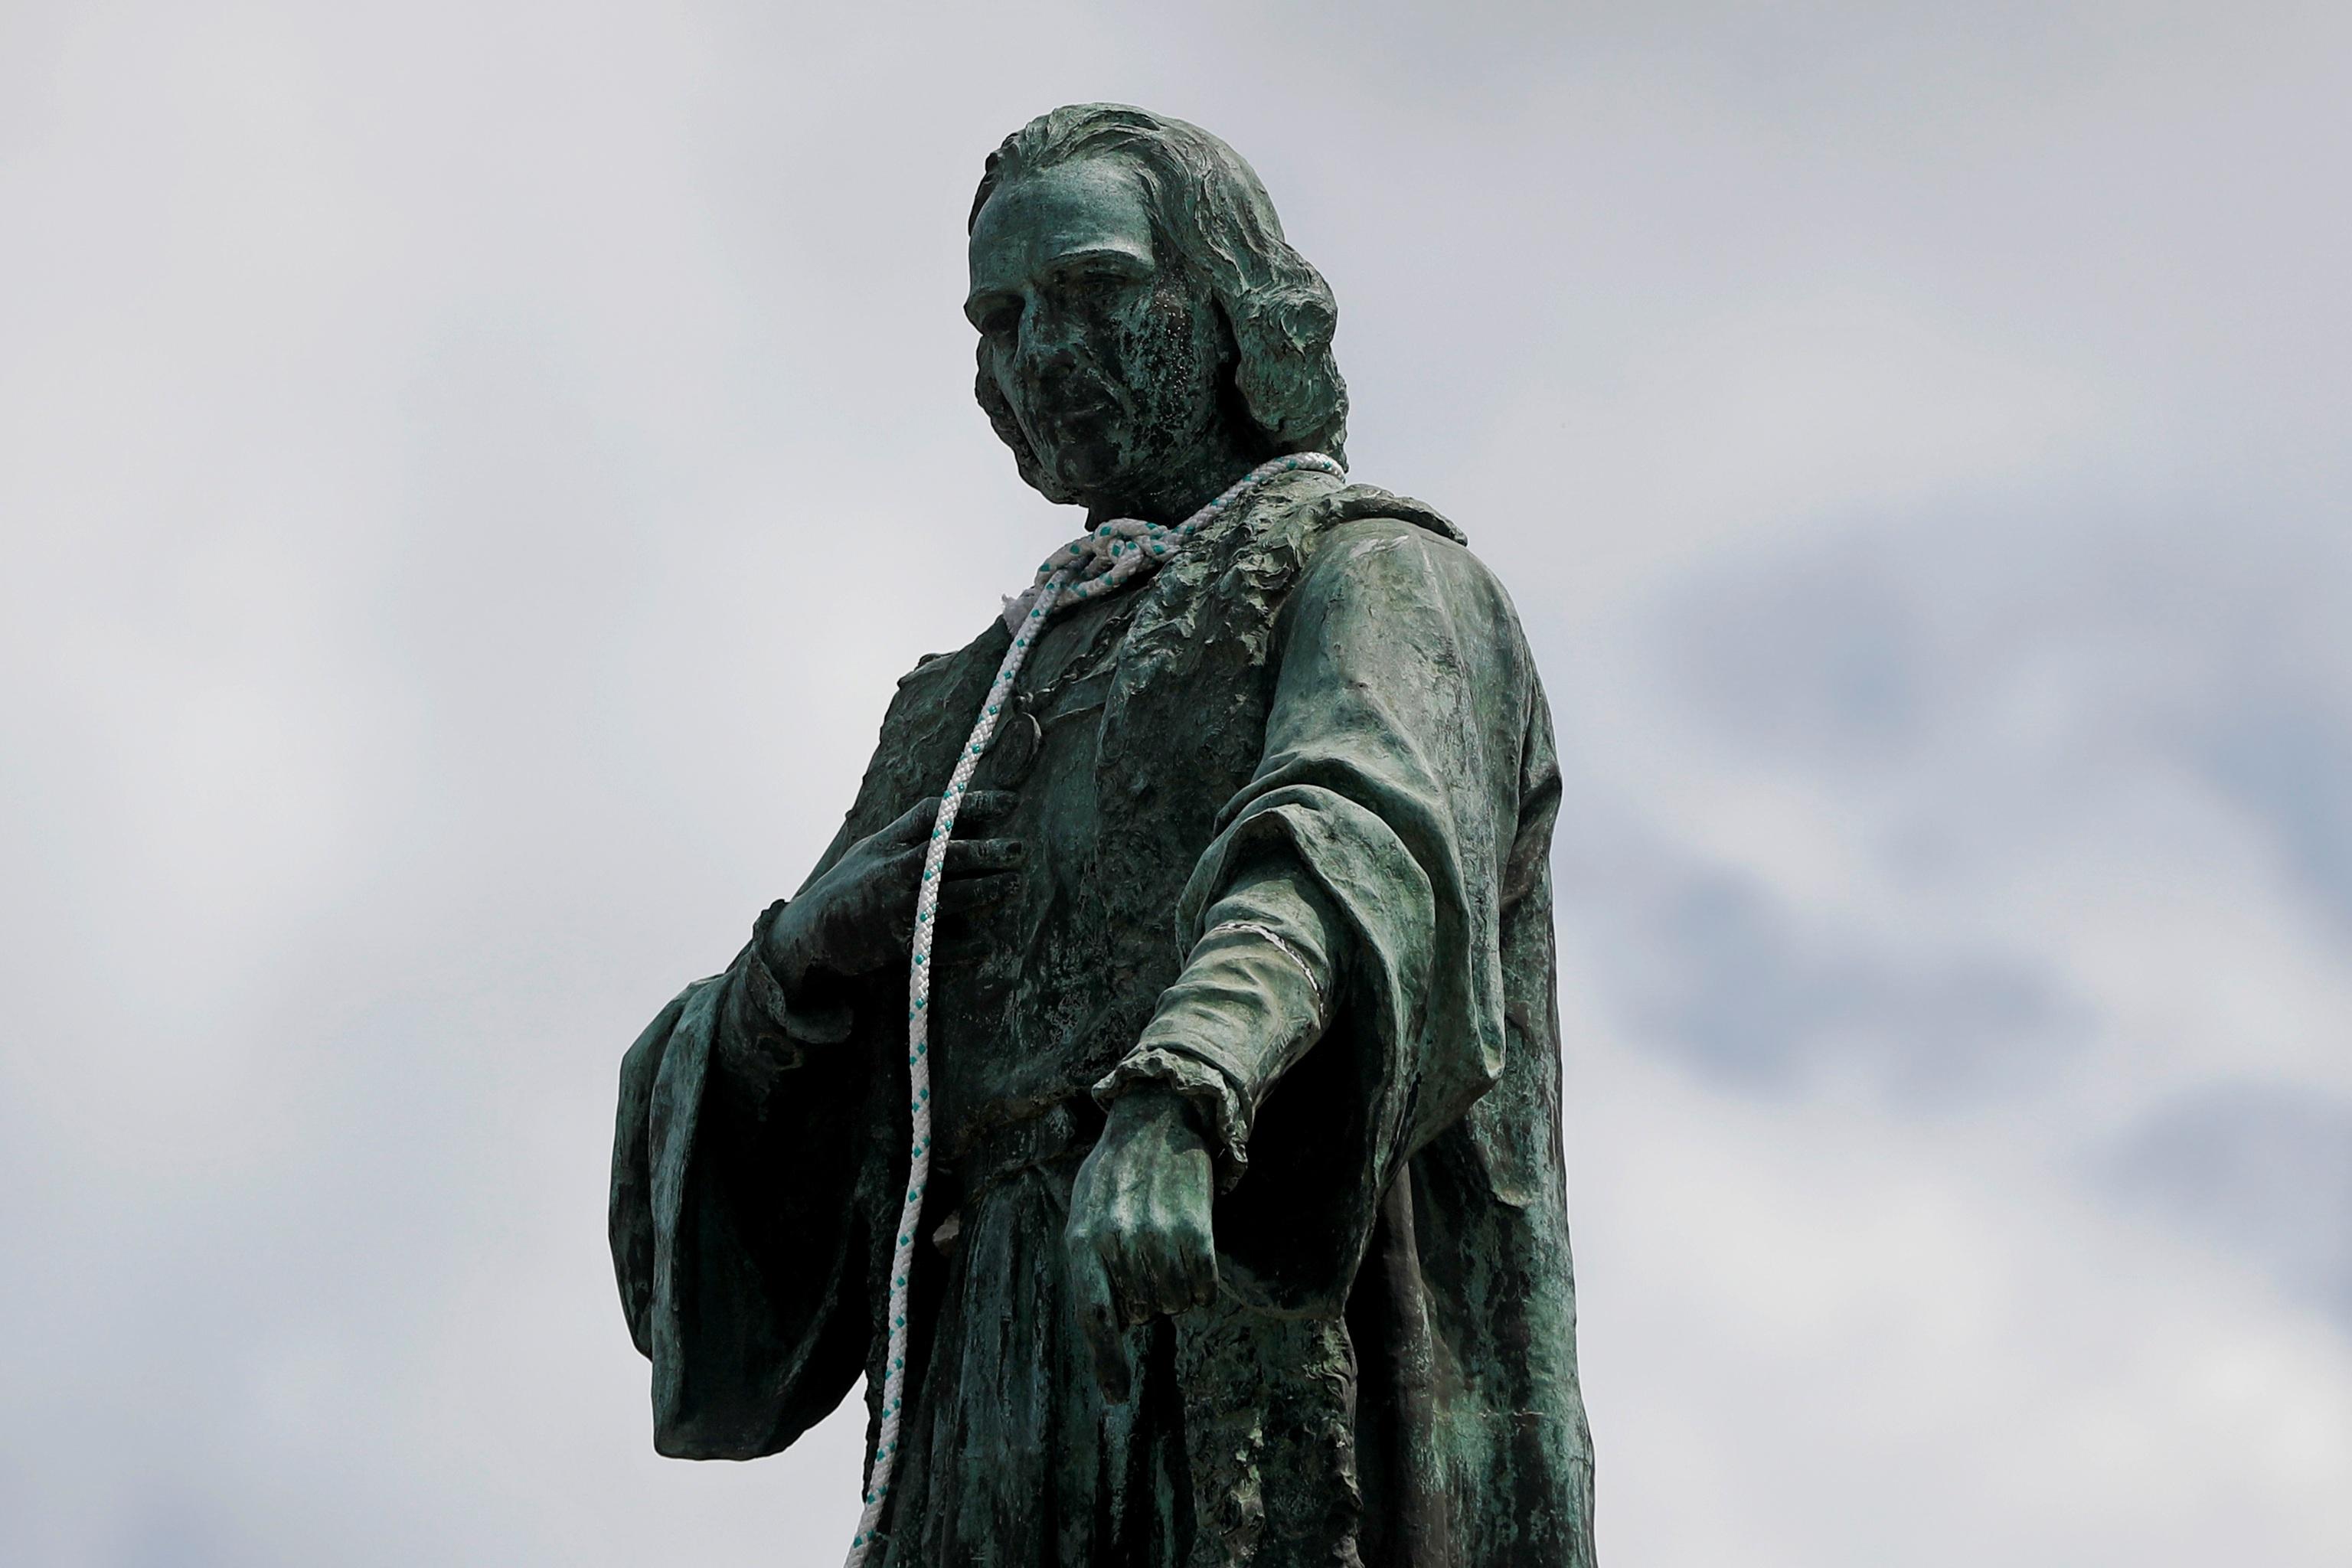 Estatua de Colón en Ciudad de Guatemala con una soga al cuello.